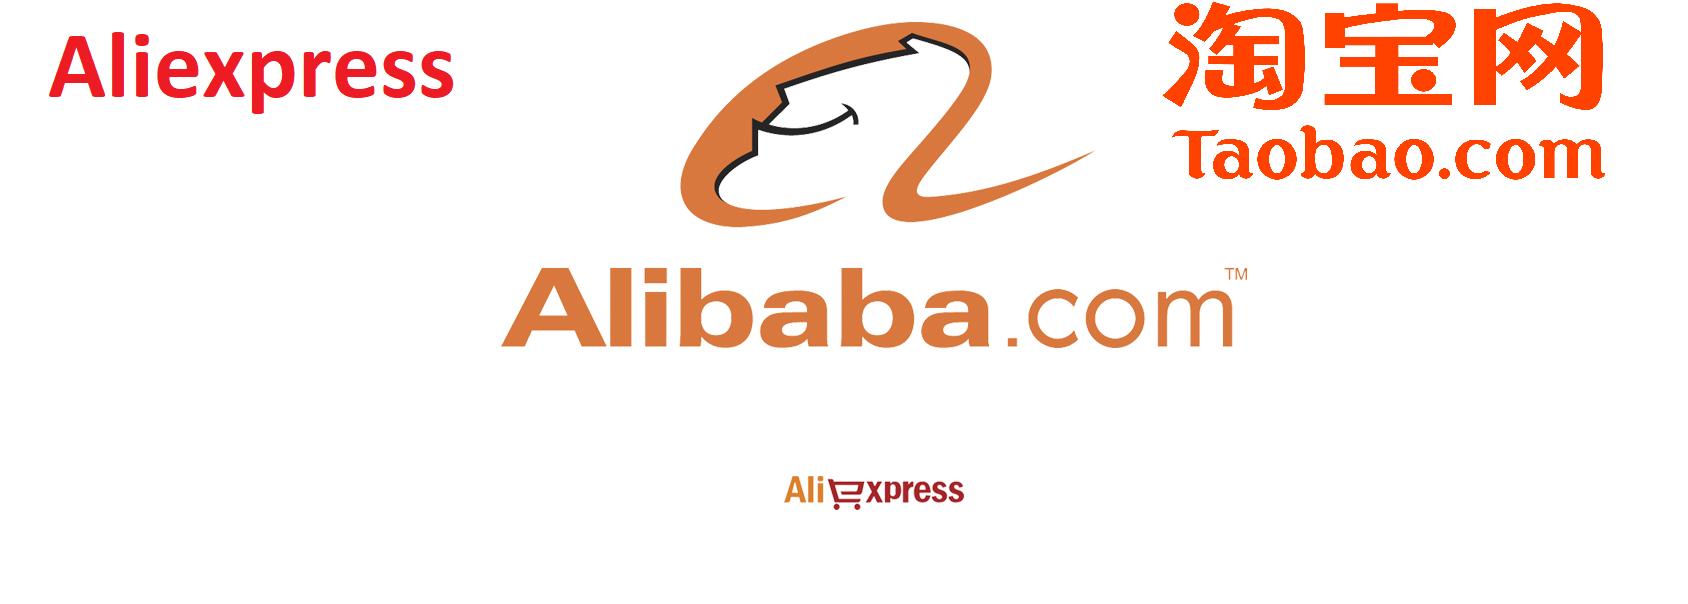 Алибаба Ру Китайский Интернет Магазин В Беларуси